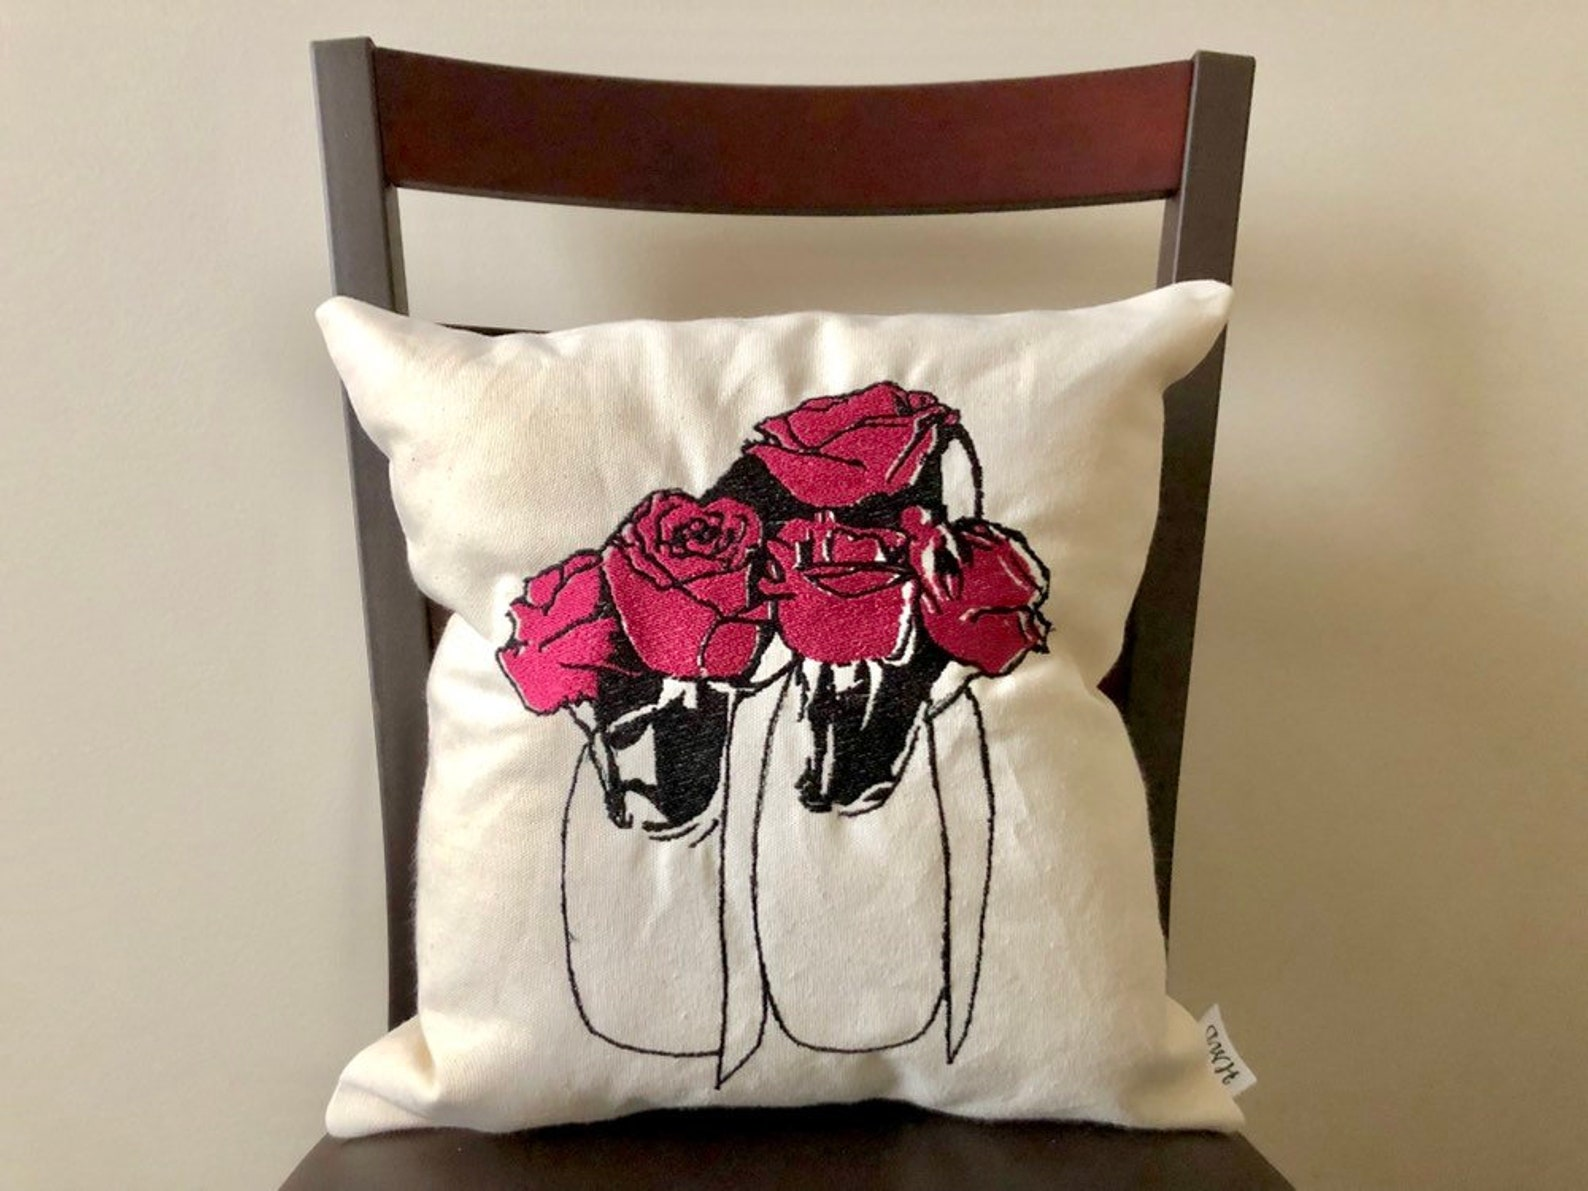 ballerina pillow, dance pillow, dancer pillow, gift for dancers, dance gifts, dance teacher gifts, ballet gifts, ballet pillow,